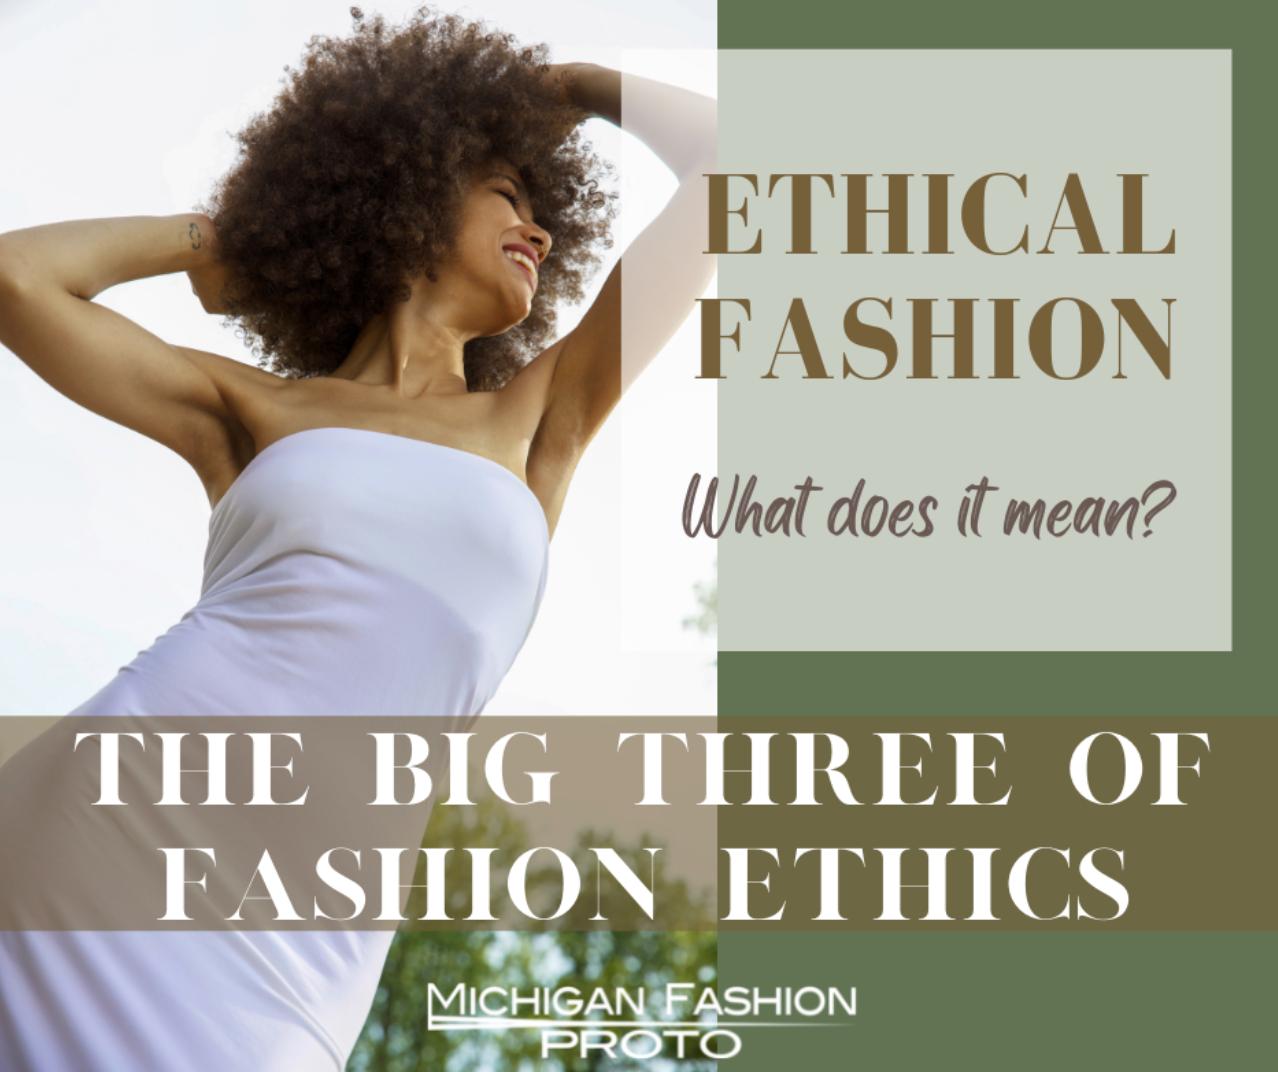 EthicalFashion_MichiganFashionProto